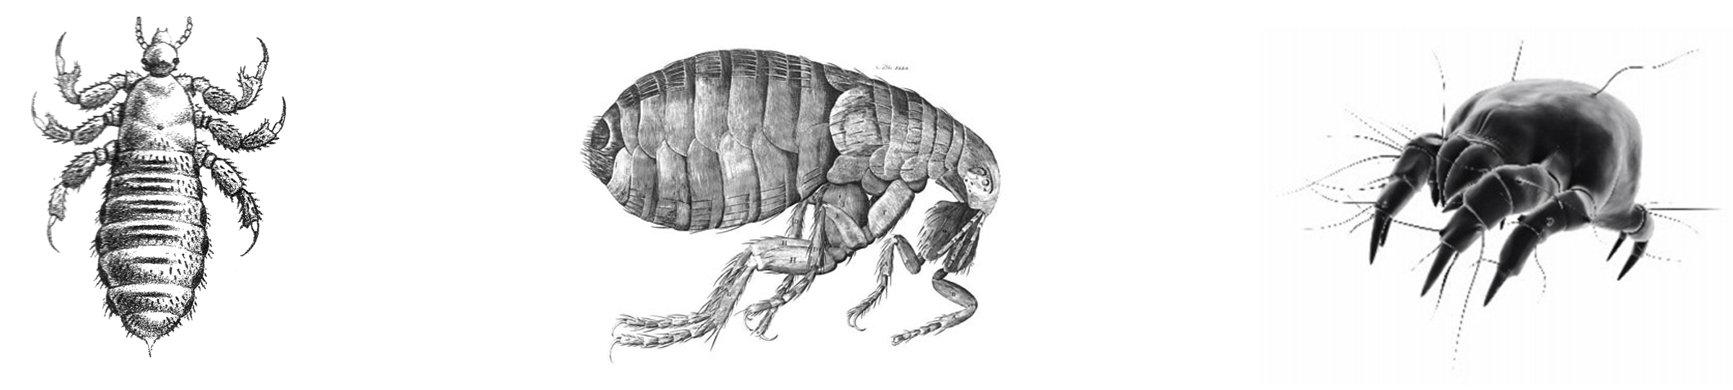 paraziták terjesztették a pletykát